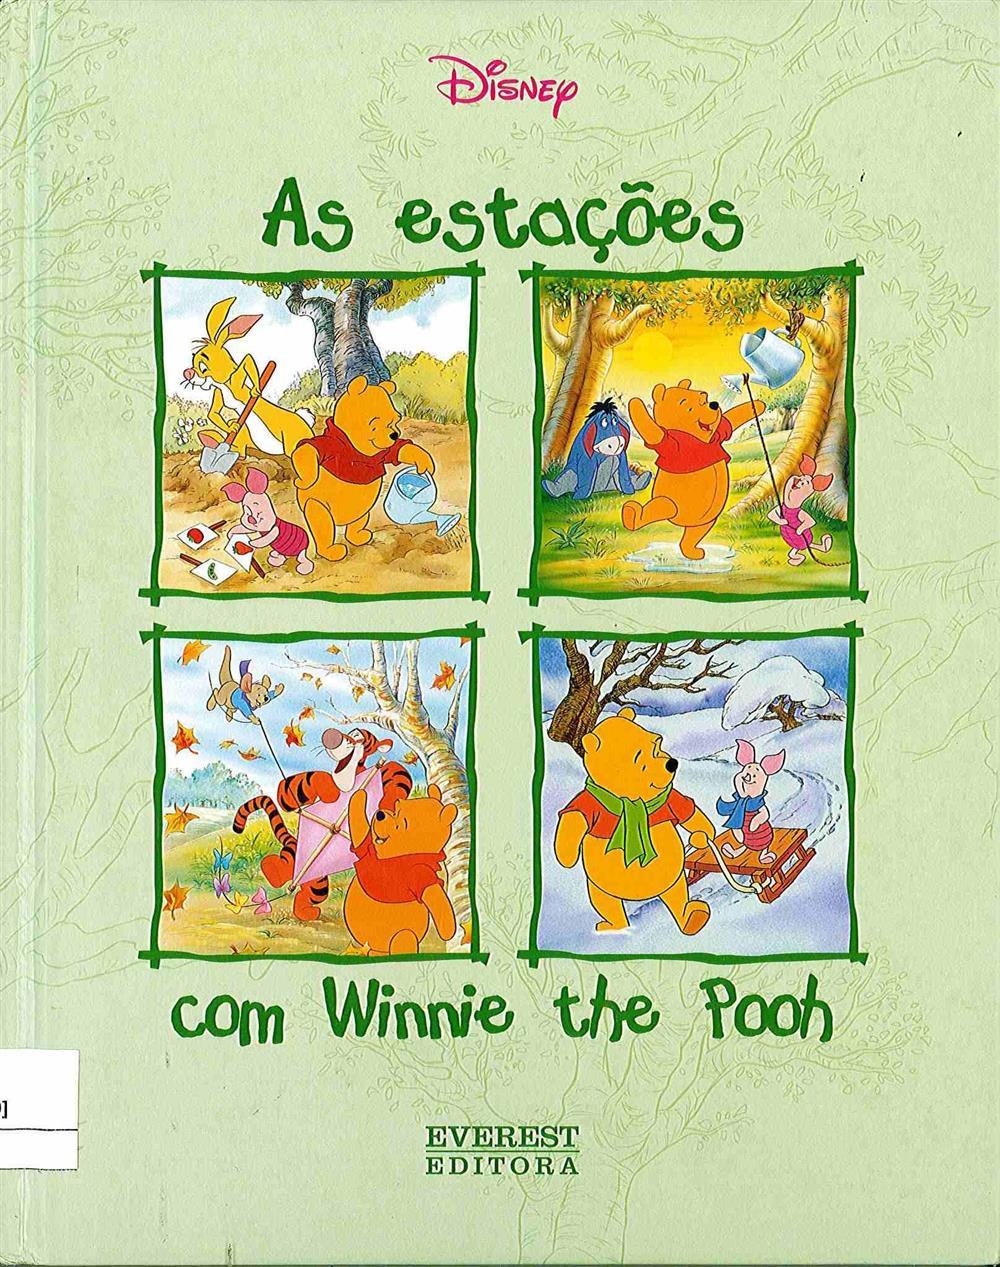 as estações com winnie the pooh.jpg